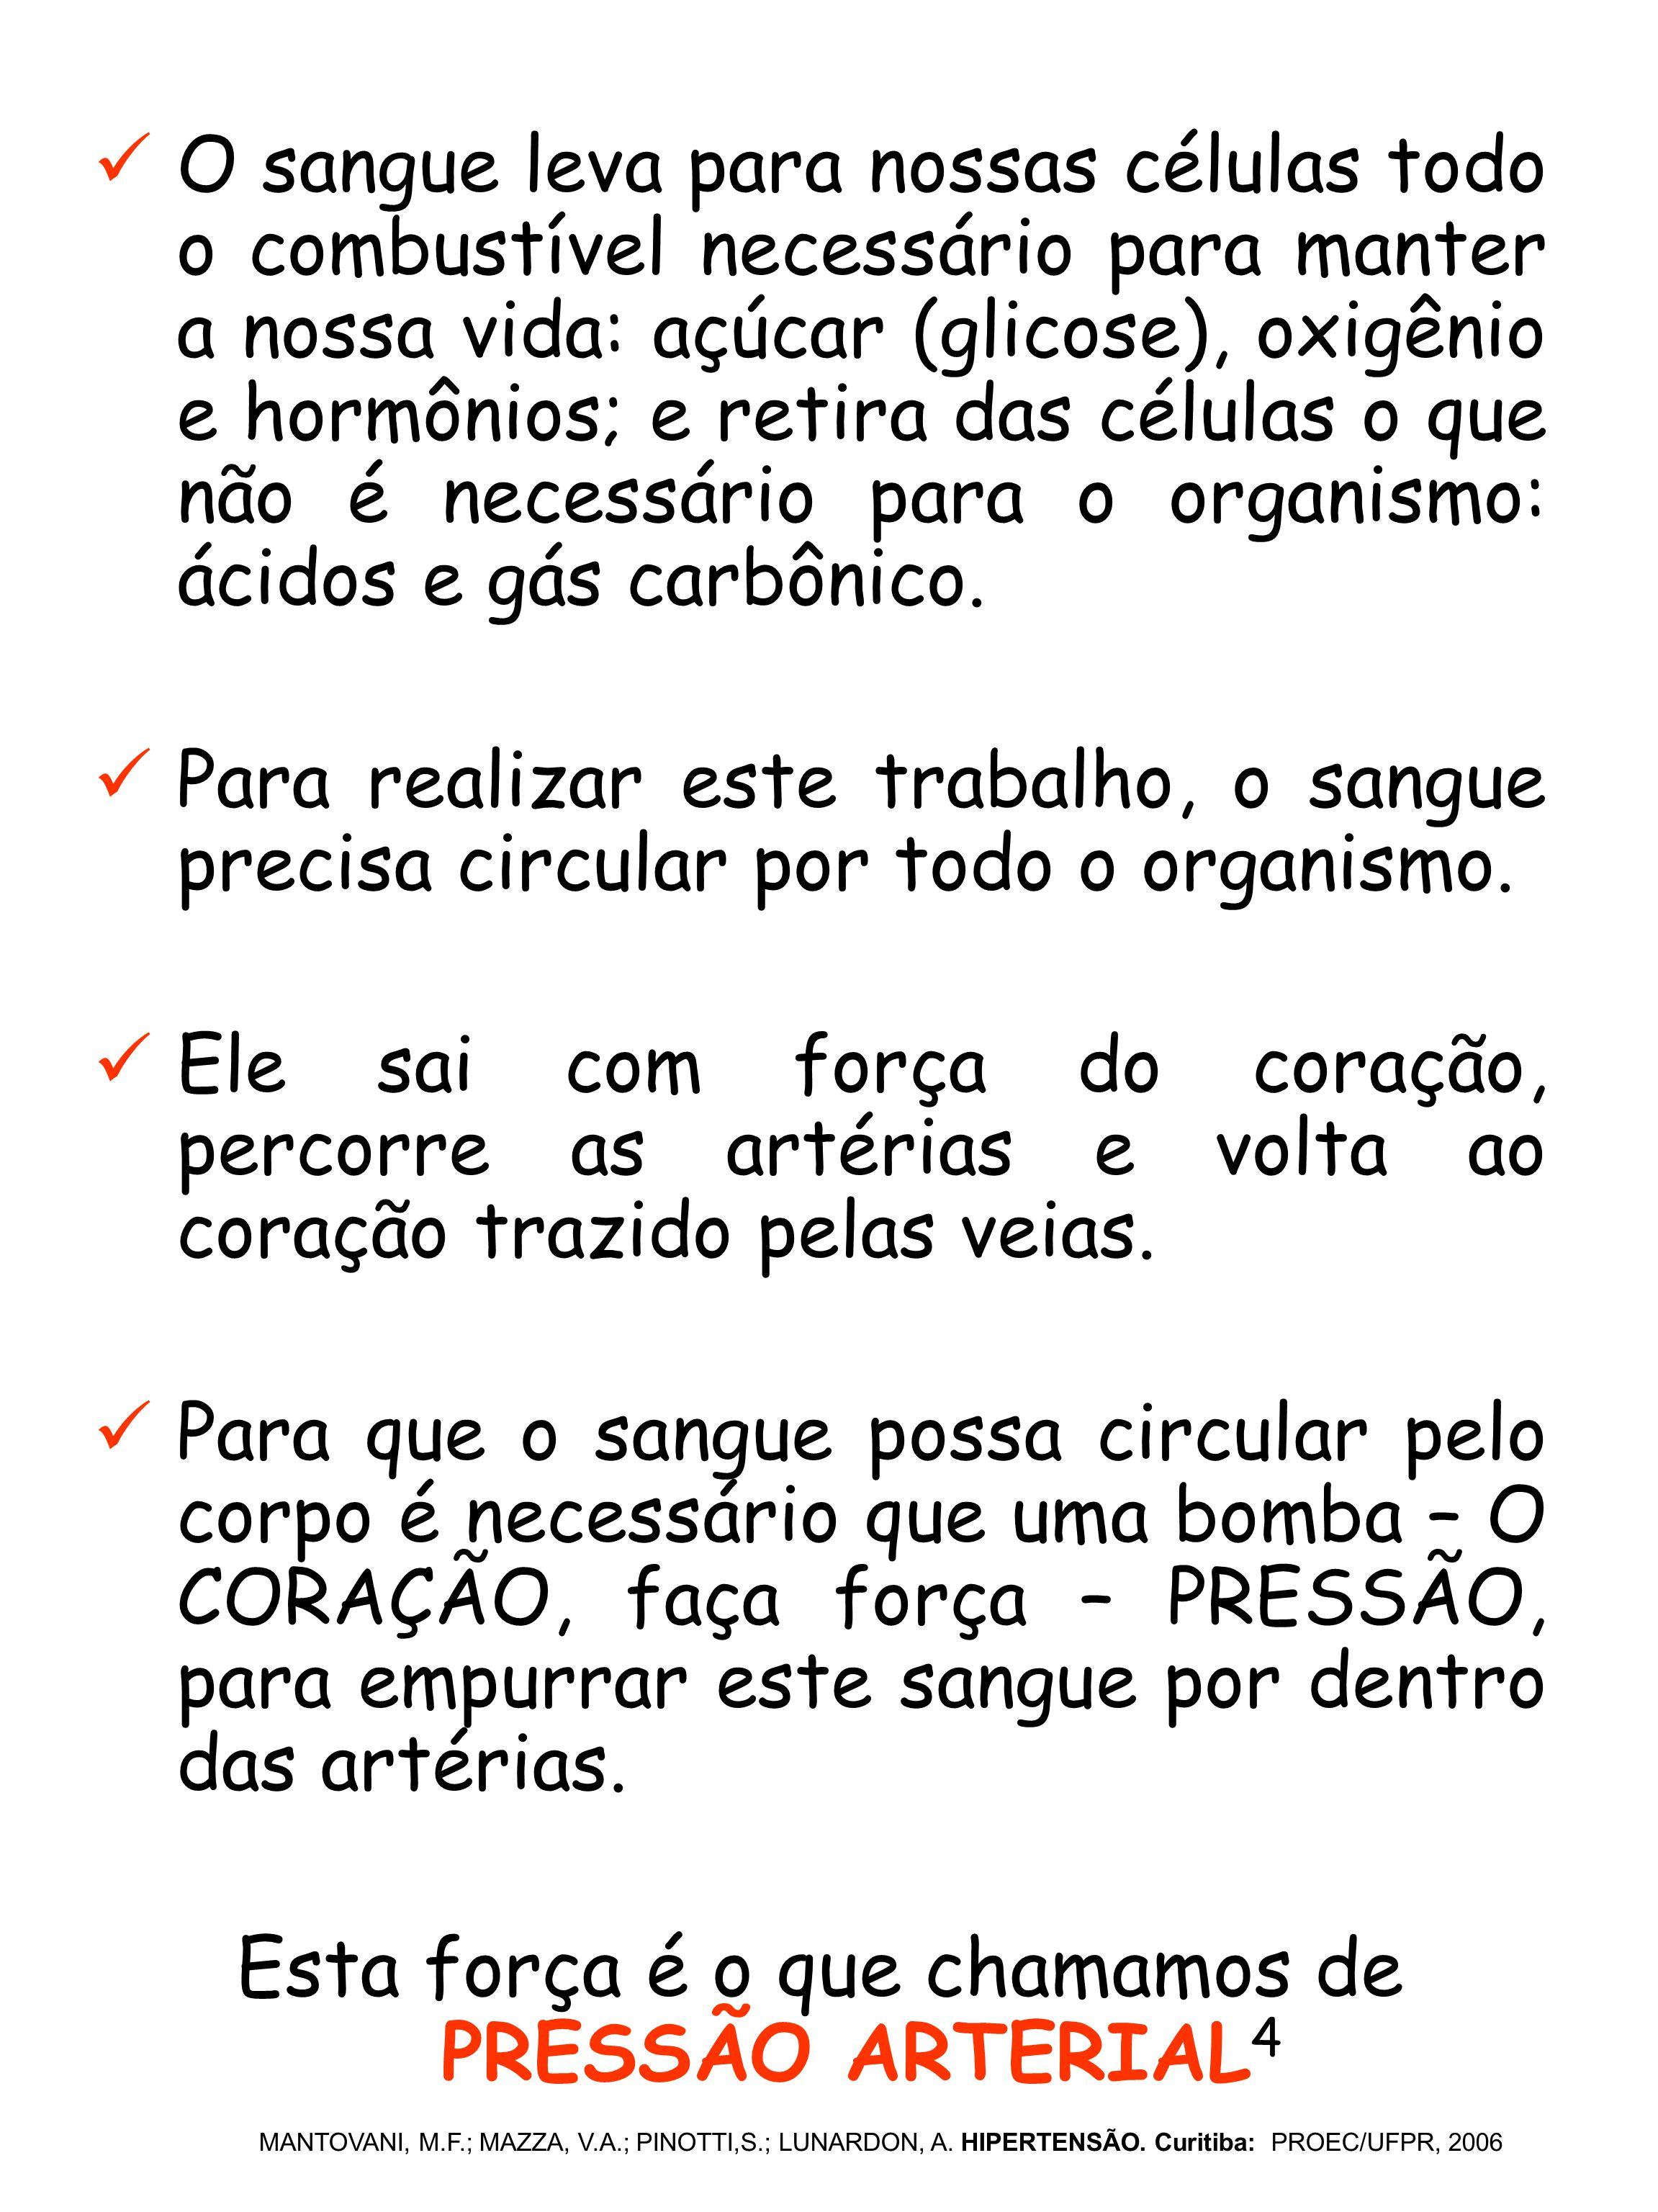 ALIMENTAÇÃO EQUILIBRADA 1 MANTOVANI, M.F.; MAZZA, V.A.; PINOTTI,S.; LUNARDON, A.